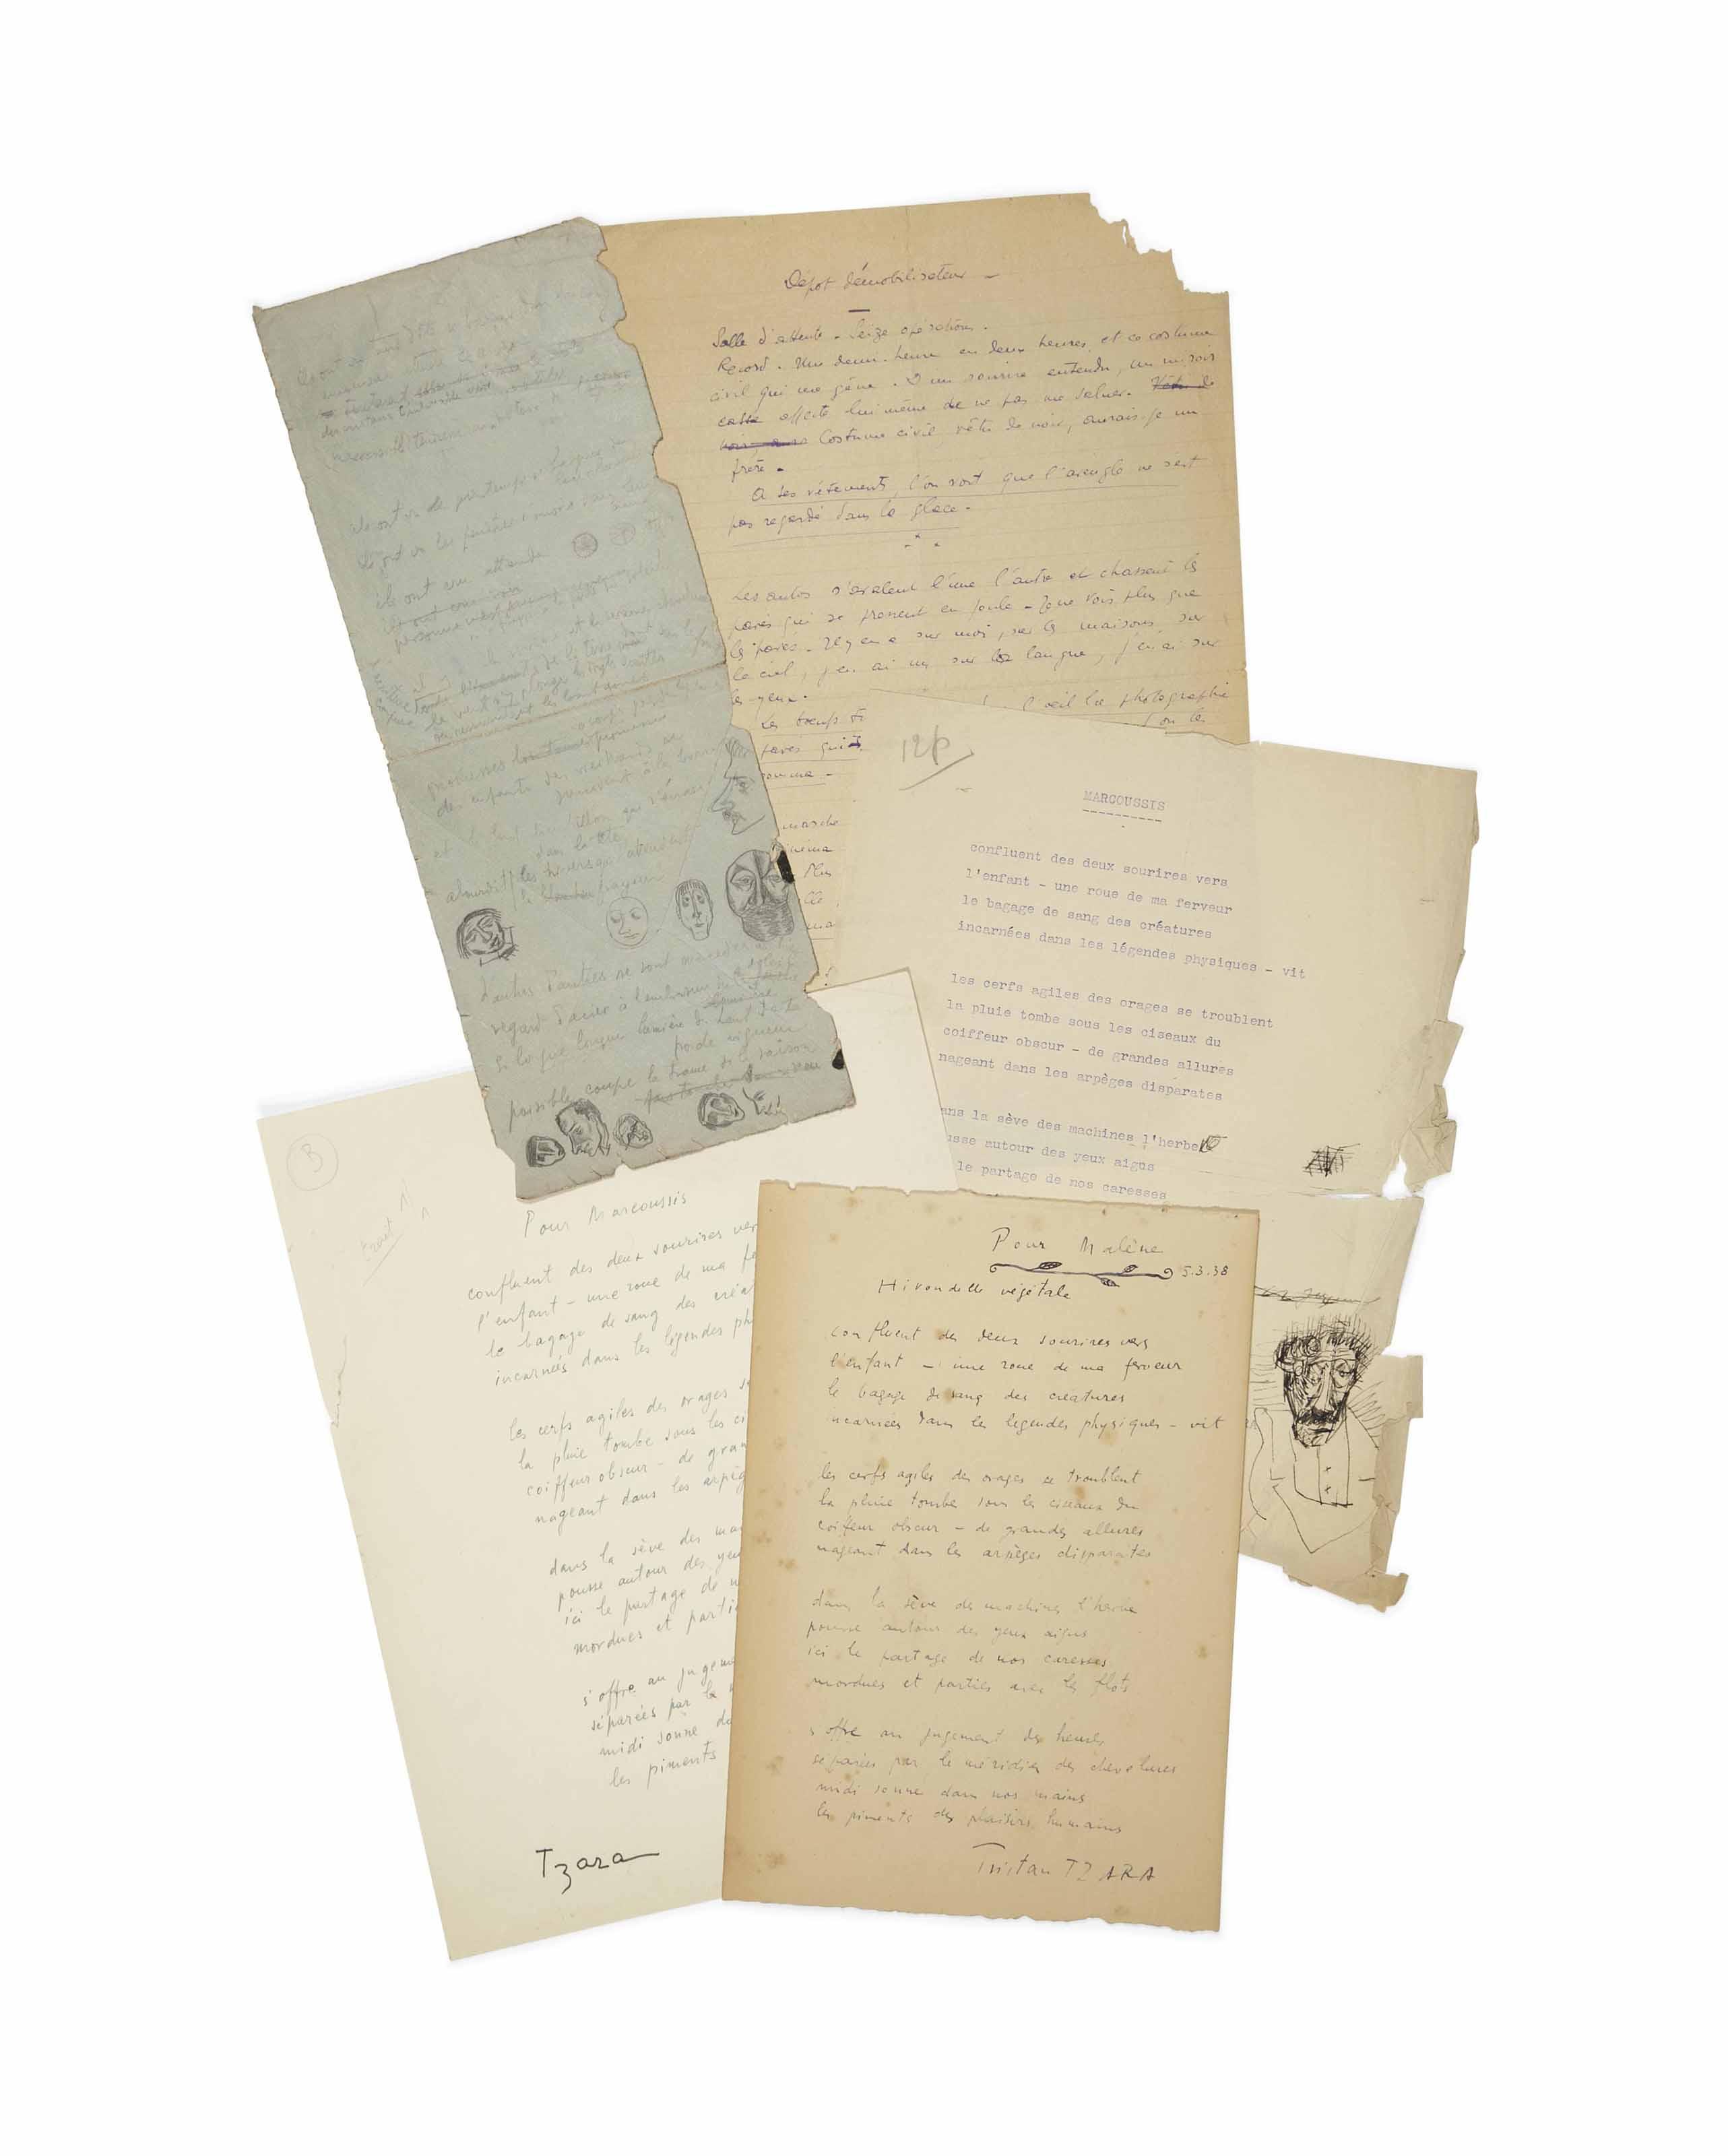 TZARA, Tristan (1896-1963). Réunion de 15 manuscrits autographes, plupart non signés (crayon et encre sur papiers de diverses qualités) et dactylographies de poèmes, dont plusieurs ont été publiés dans L'Arbre des voyageurs (voir lot 222).